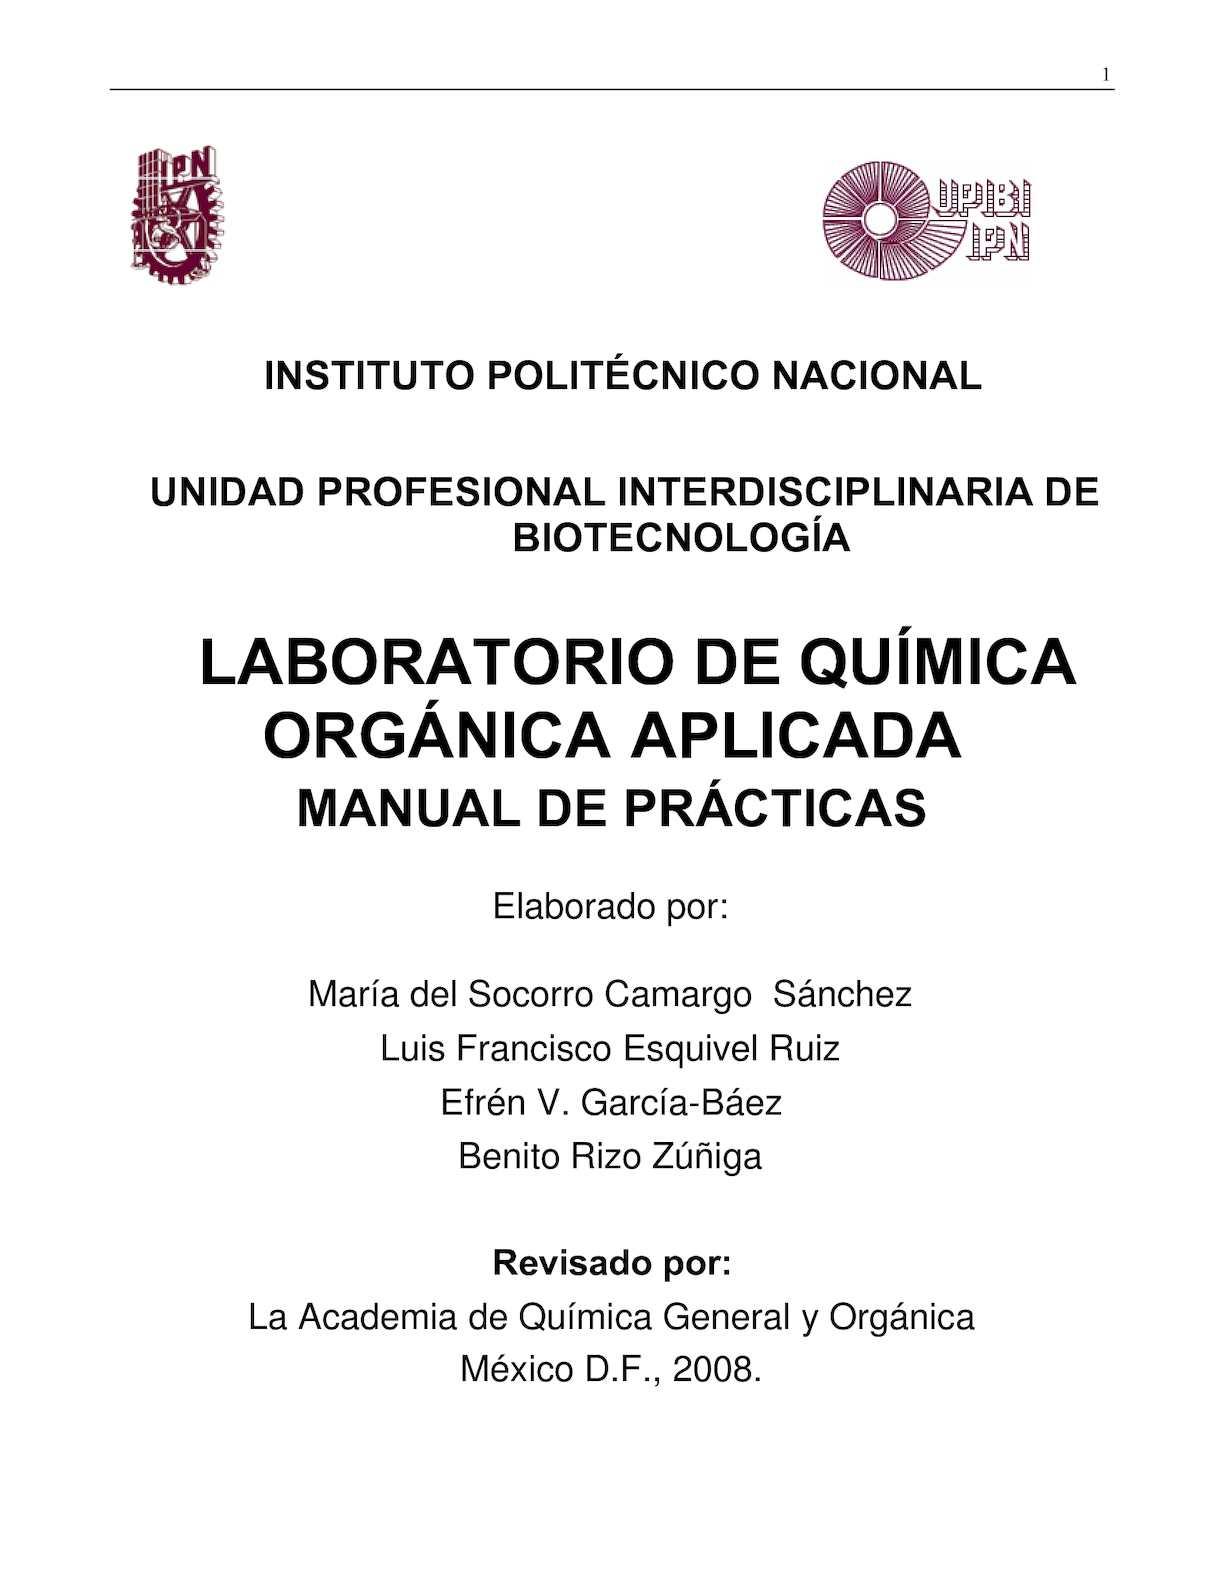 Calaméo Manual De Lab Quimica Orgánica Aplicada Corregidoipn